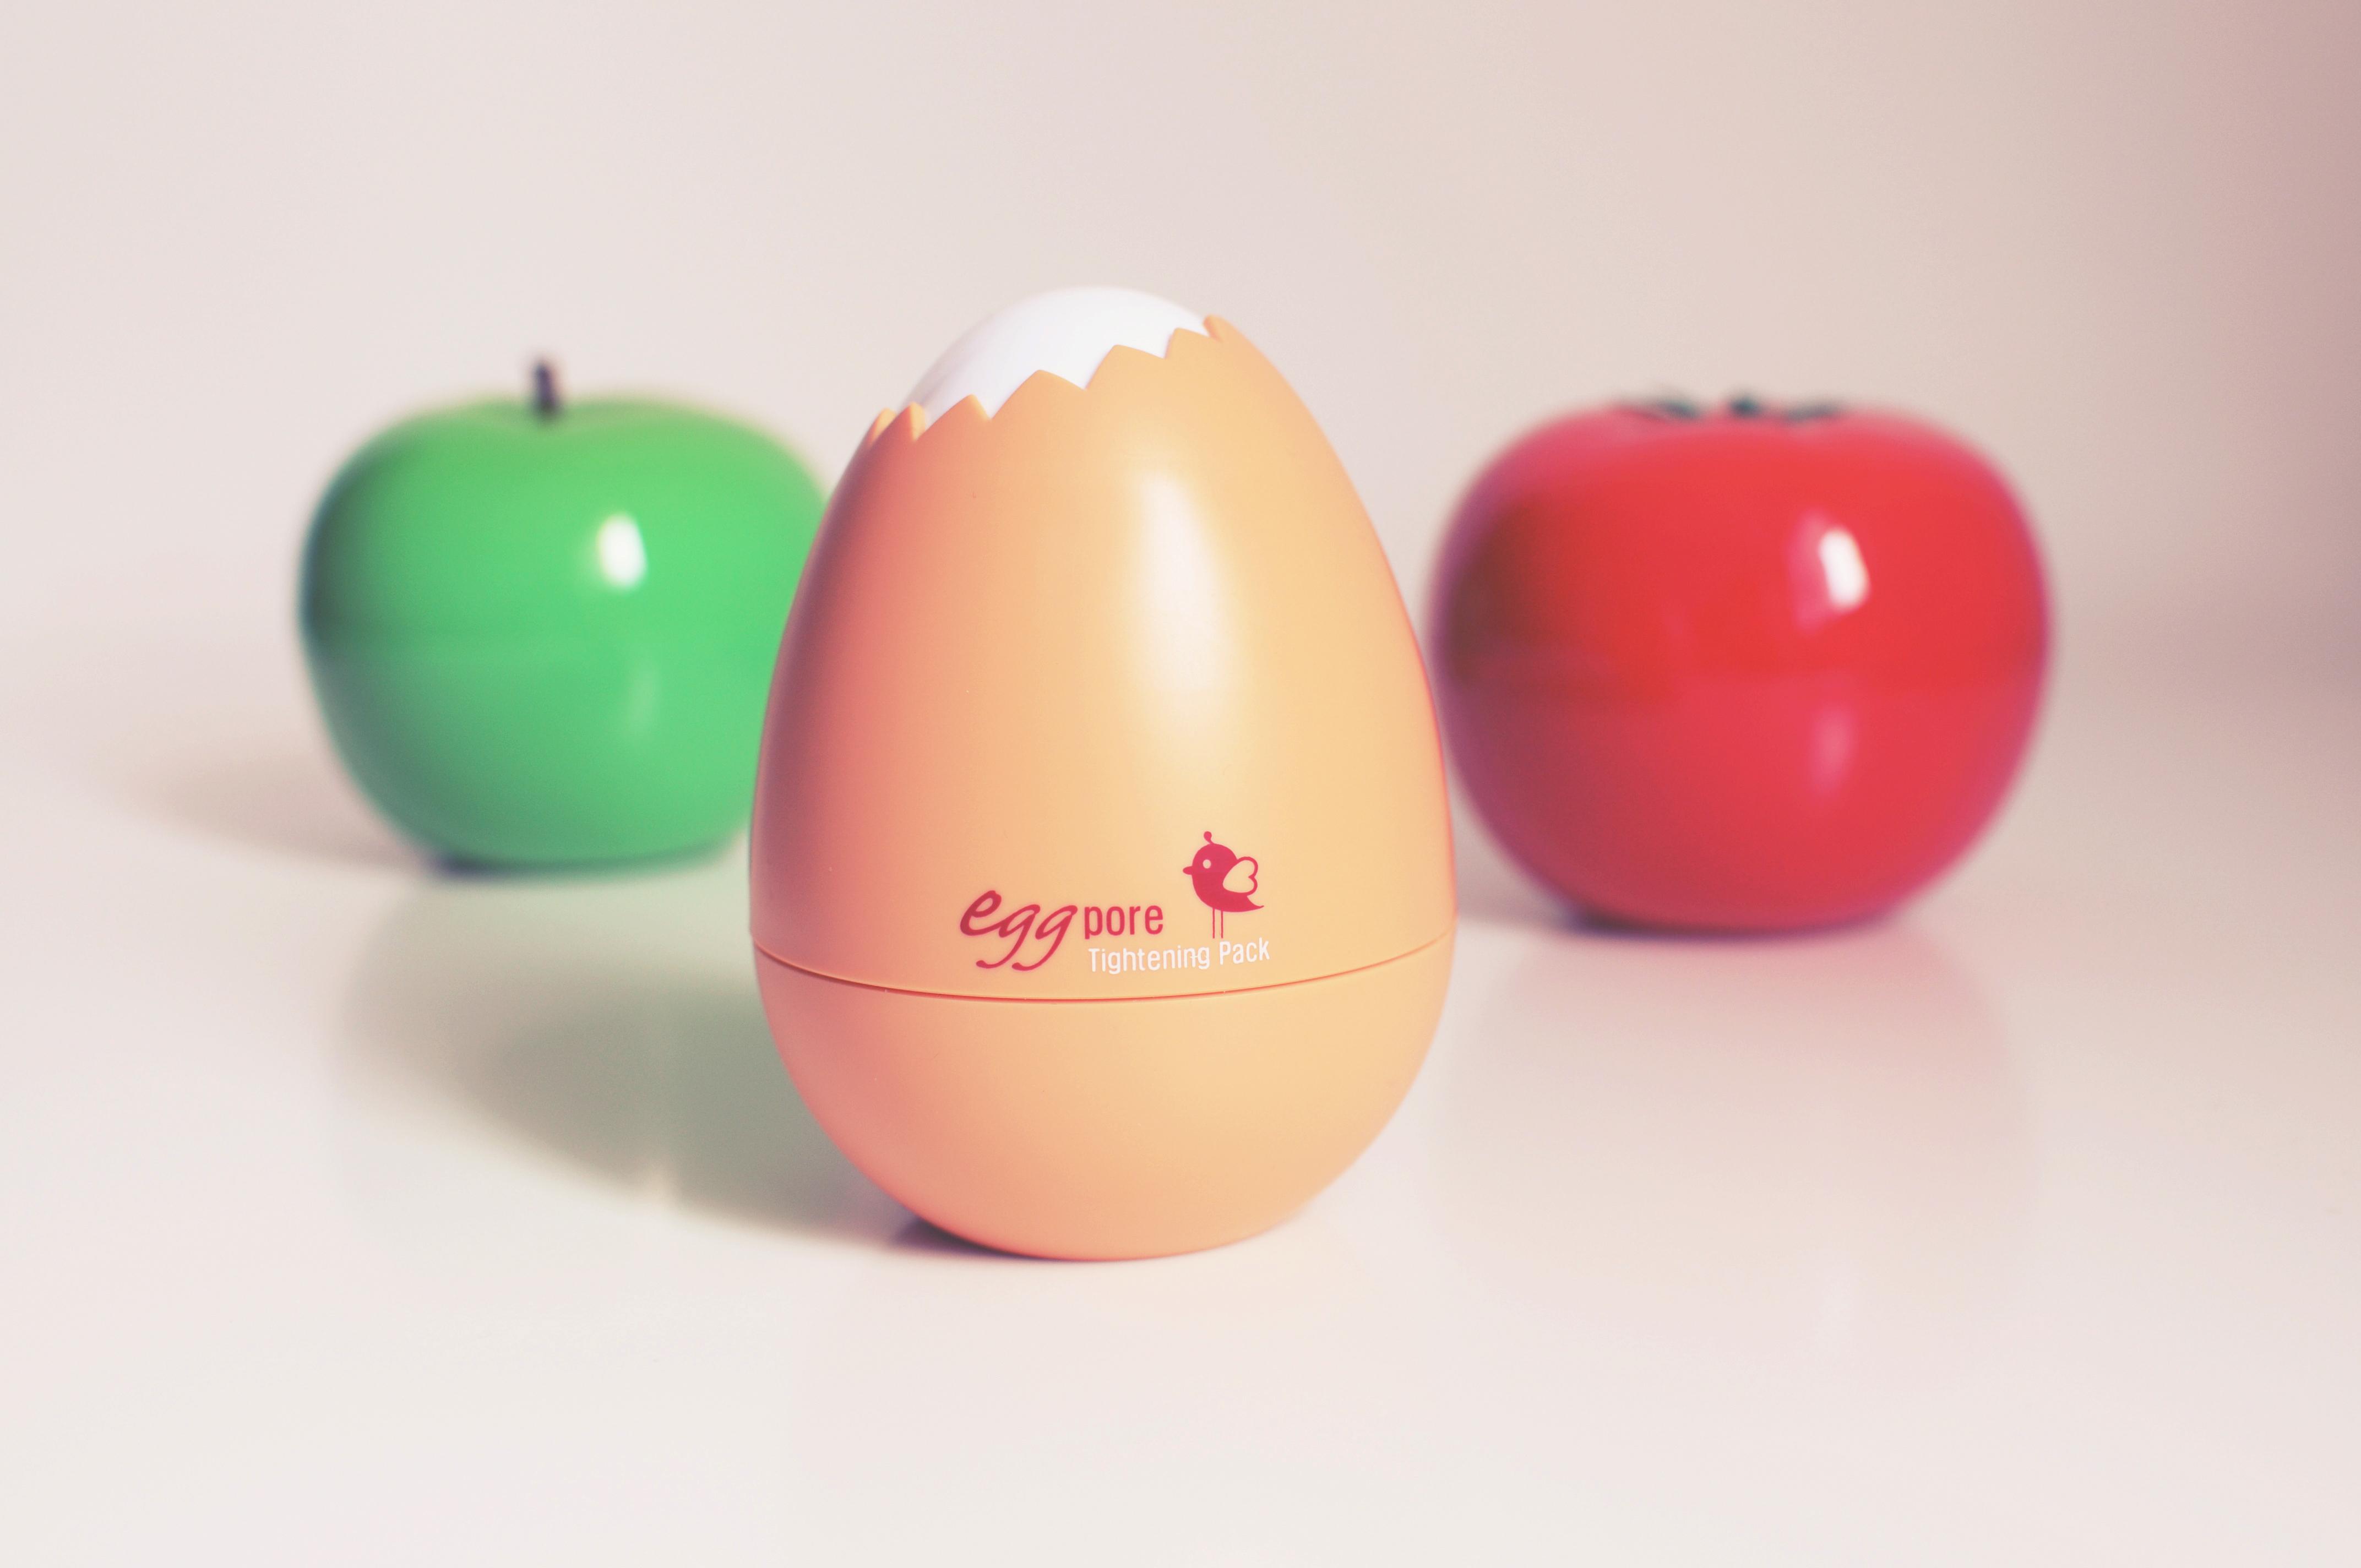 EggPore1